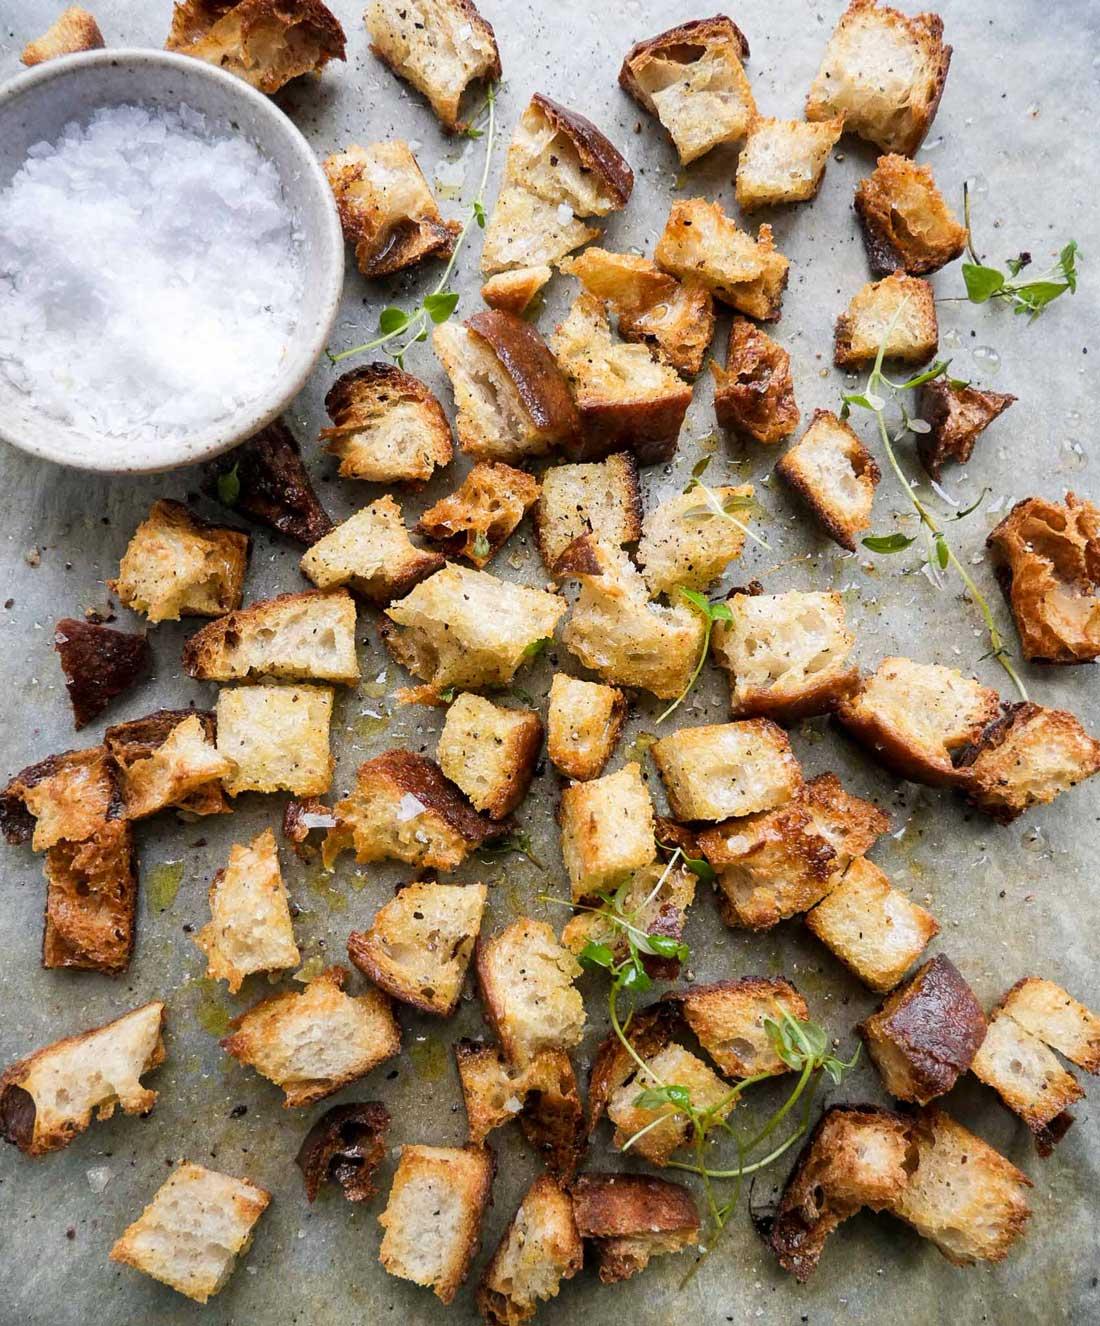 saltet brød i ovnen til suppe eller salater